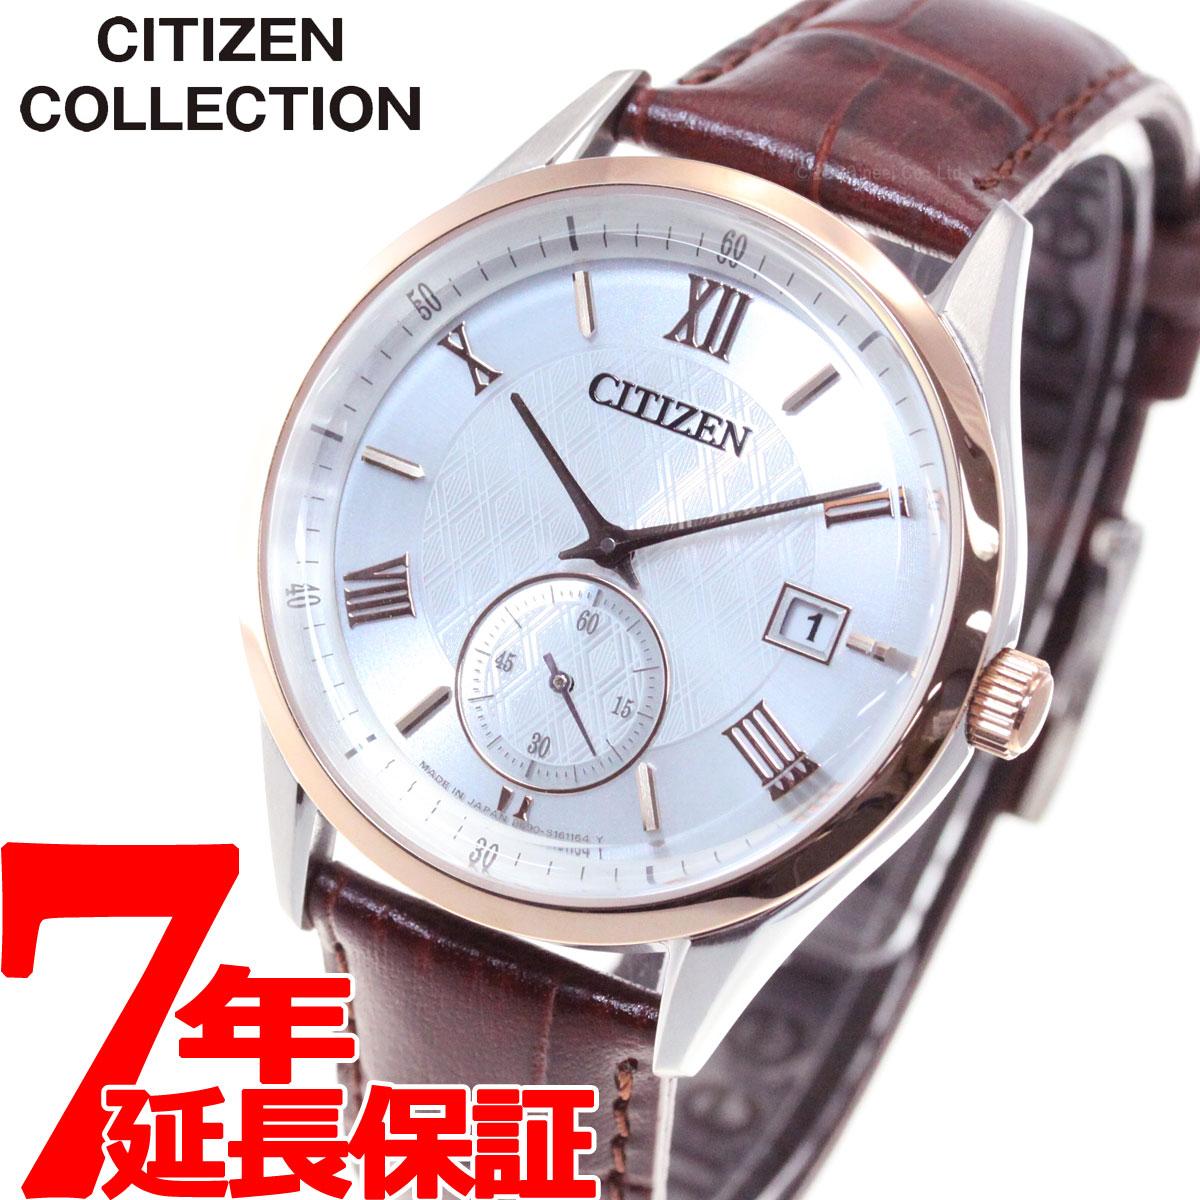 シチズンコレクション CITIZEN COLLECTION エコドライブ ソーラー 腕時計 メンズ BV1124-14A【2018 新作】